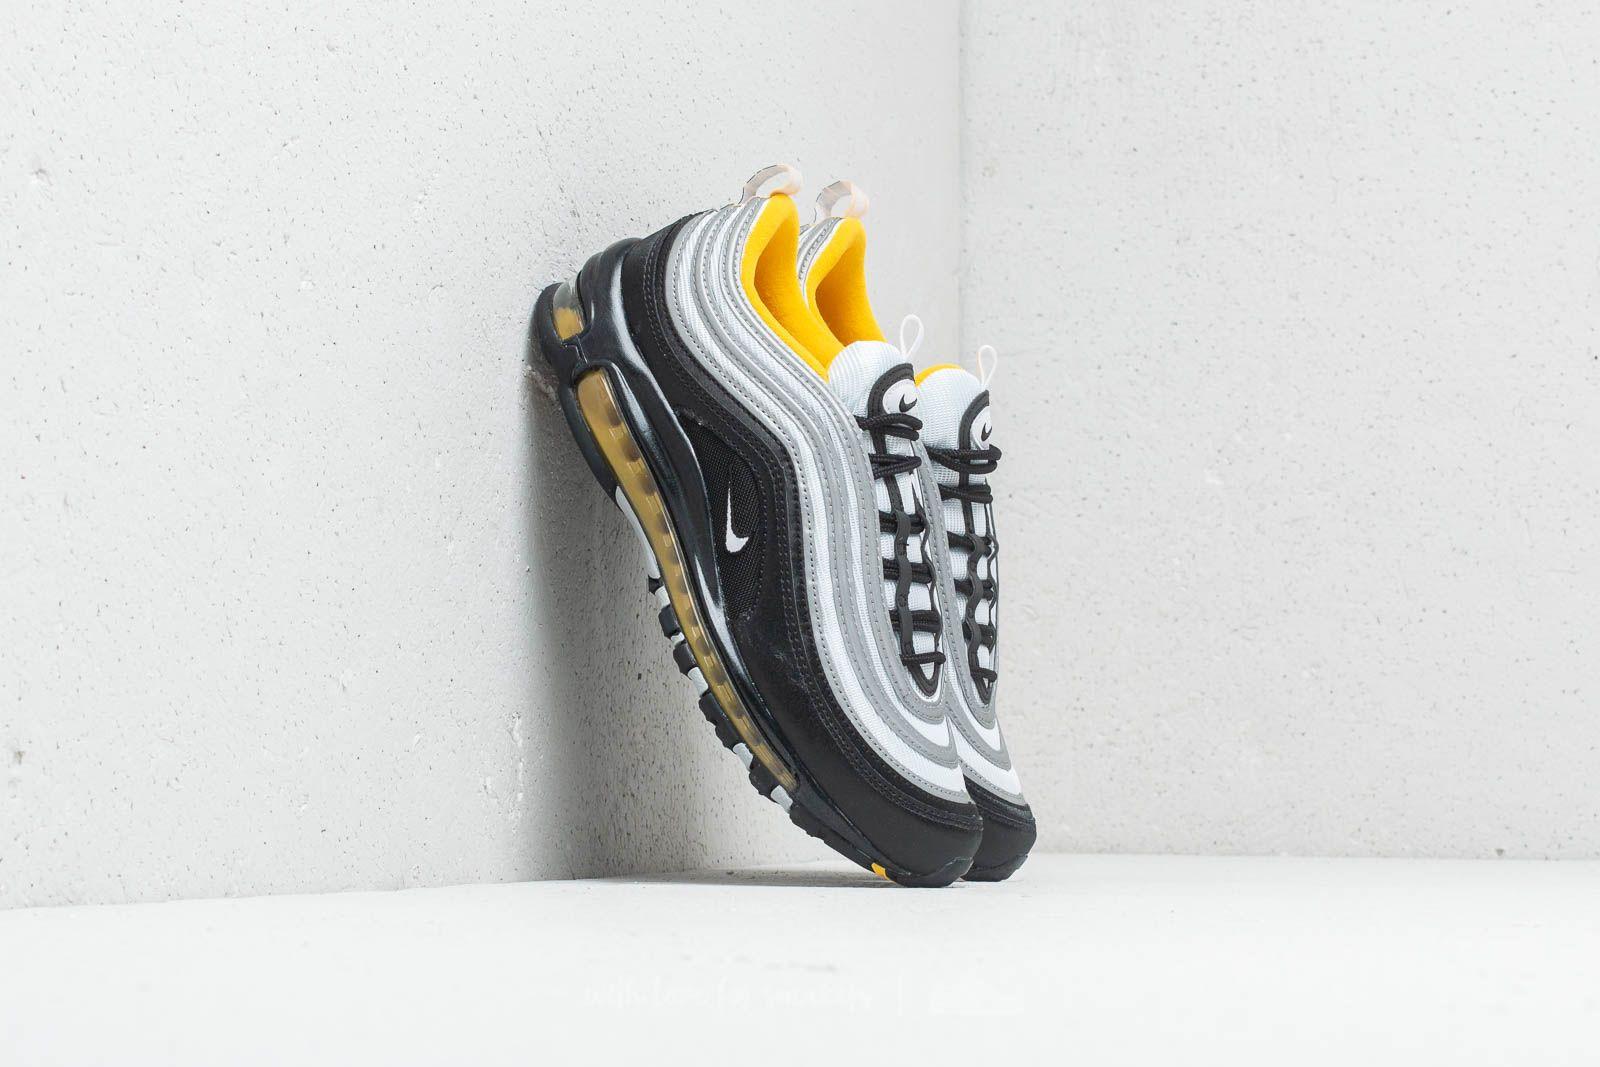 Publicidad sólido Poderoso  Men's shoes Nike Air Max 97 Black/ White-Amarillo | Footshop